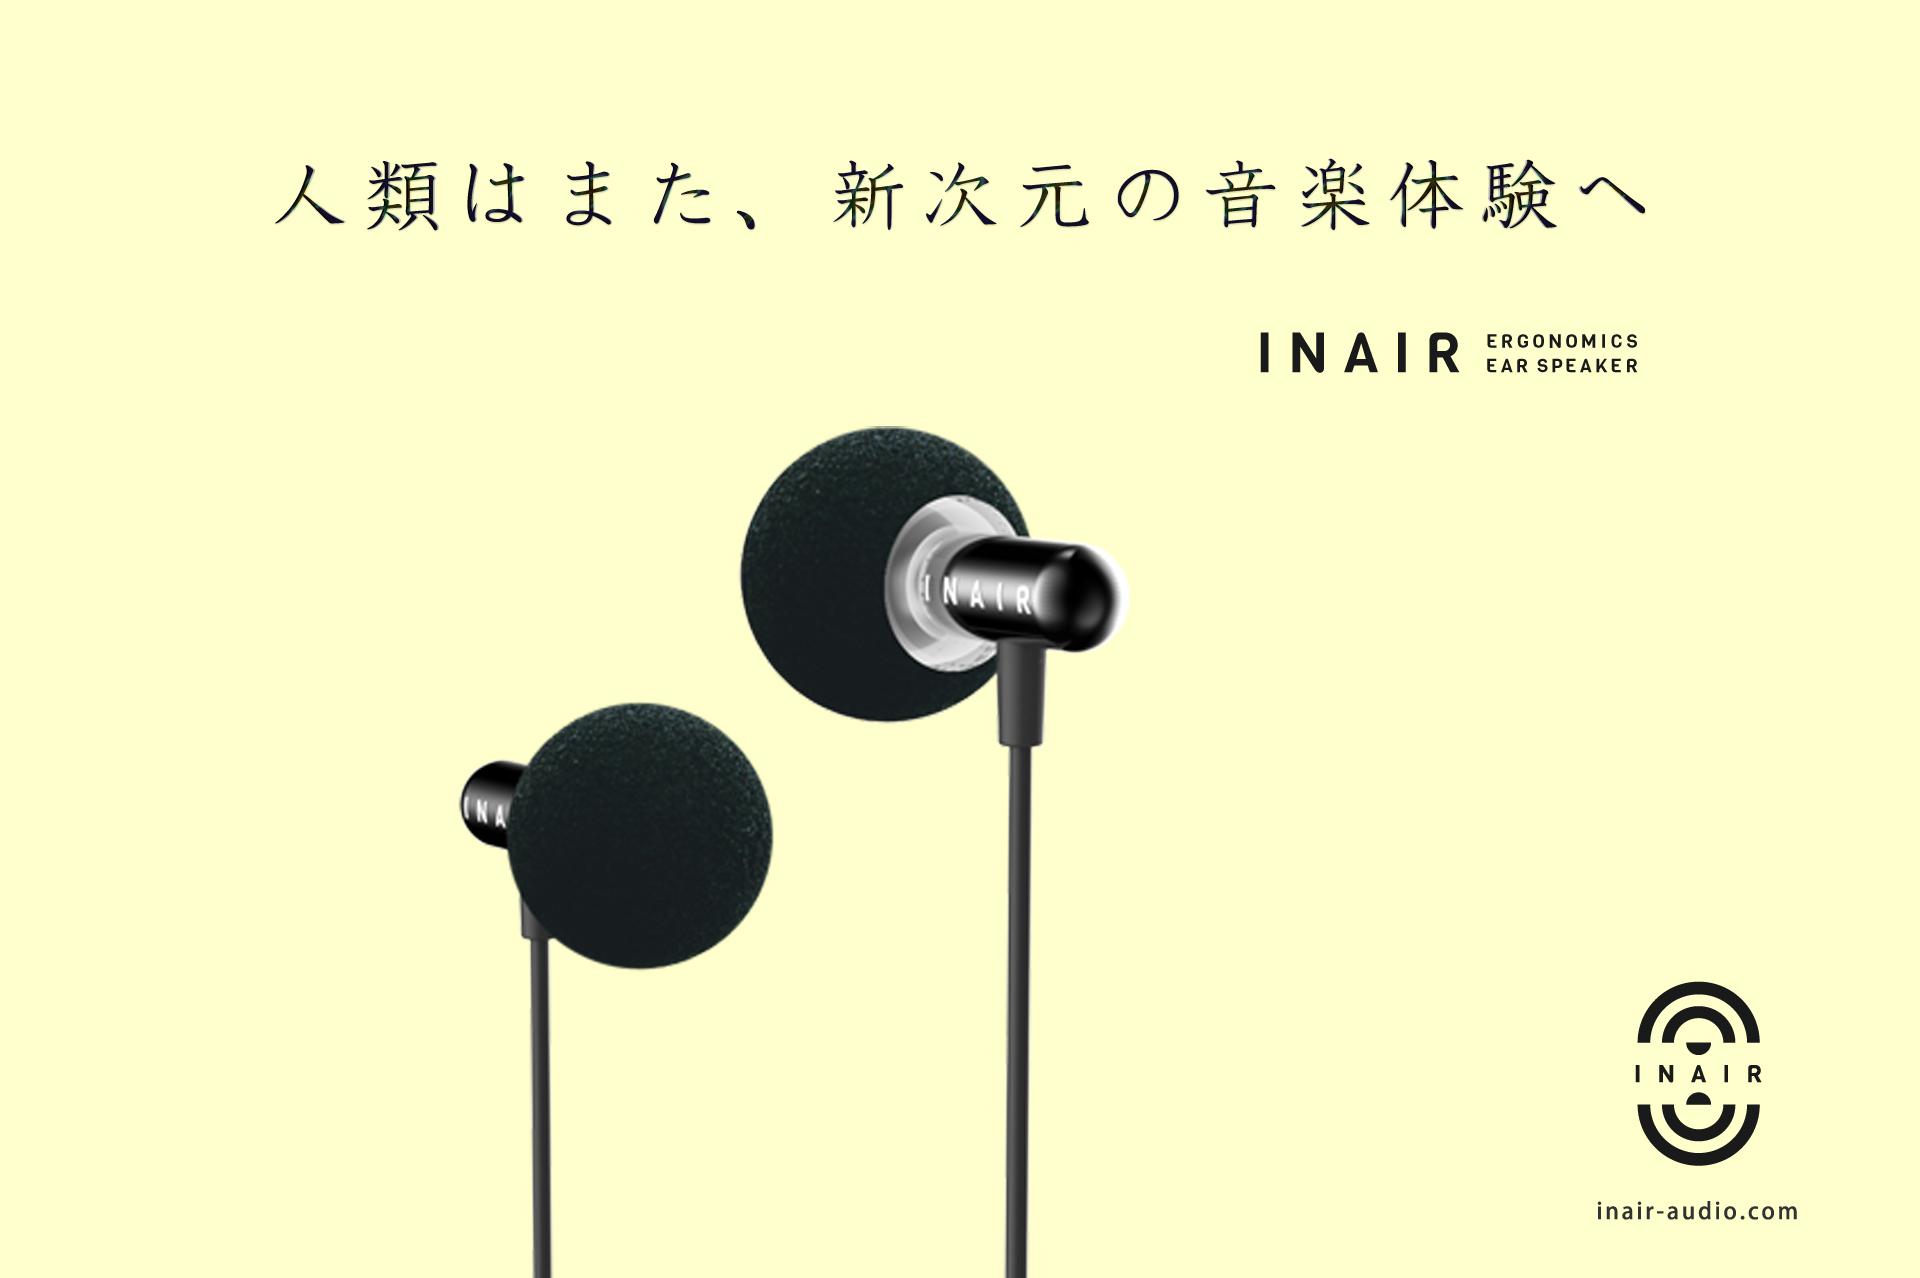 【INAIR audio.com】耳に入るスピーカー INAIR クラウドファンディングで3800万円超を調達!